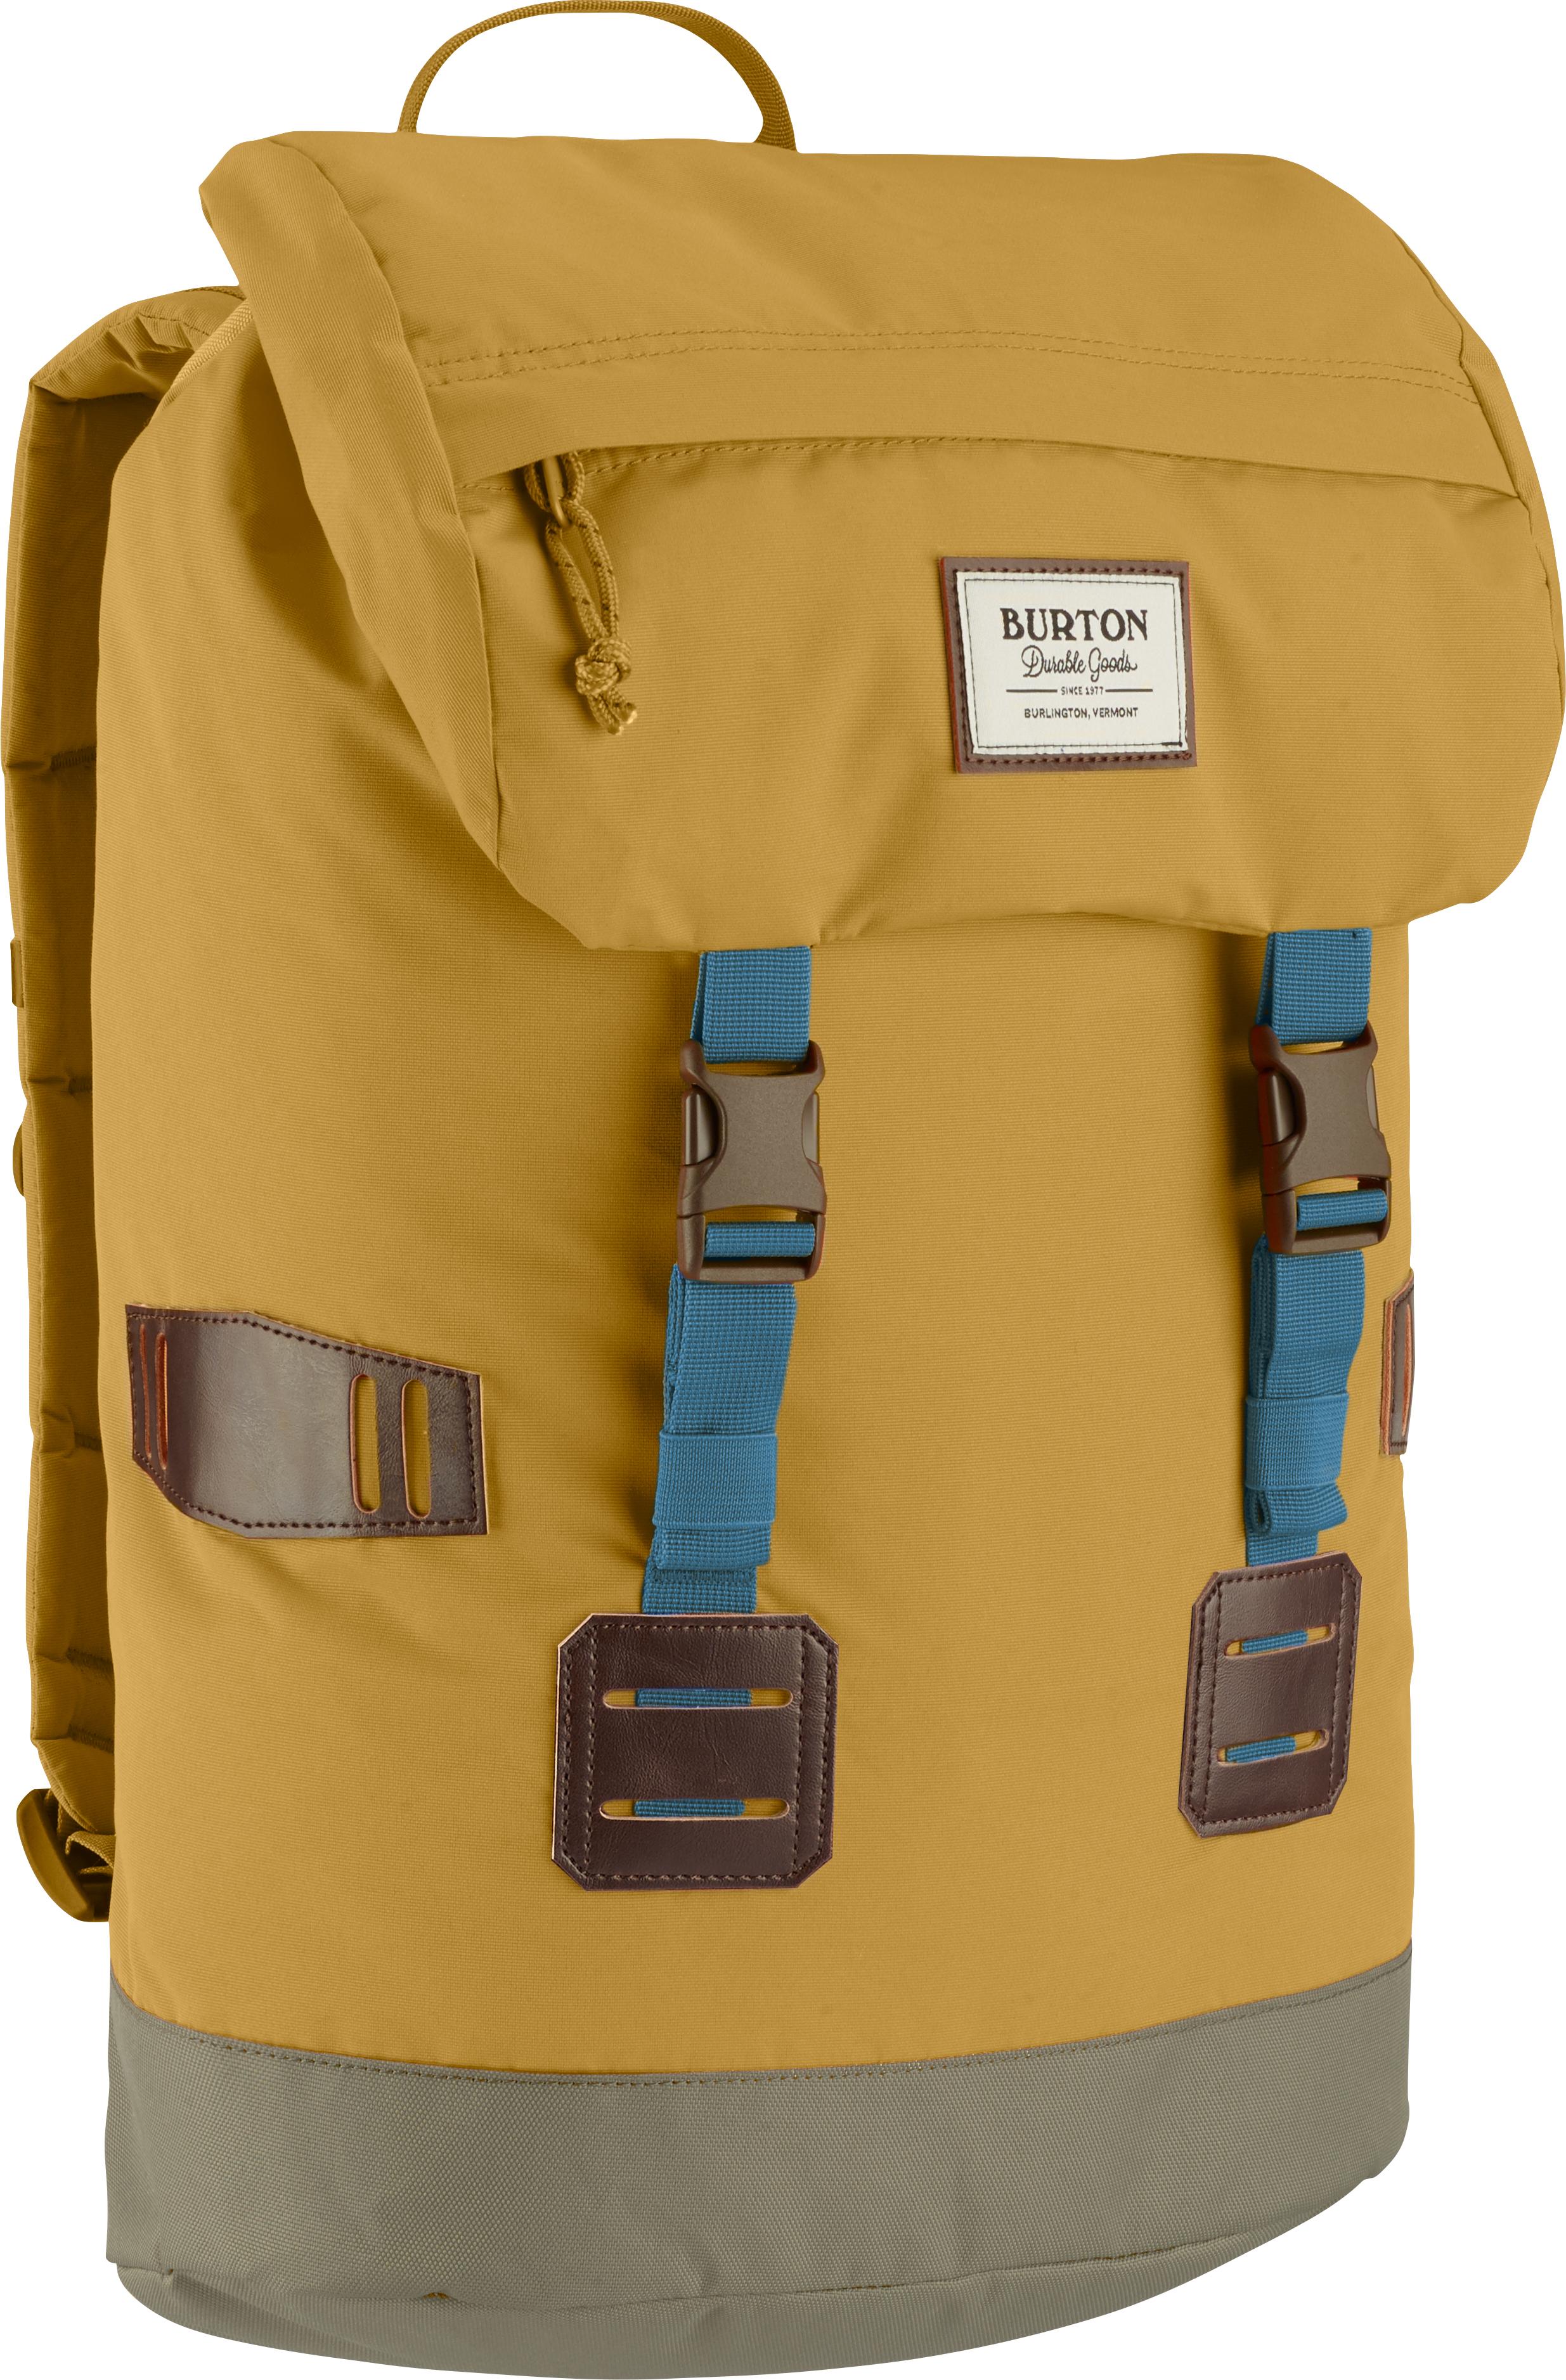 Daypacks Slings And School Bags